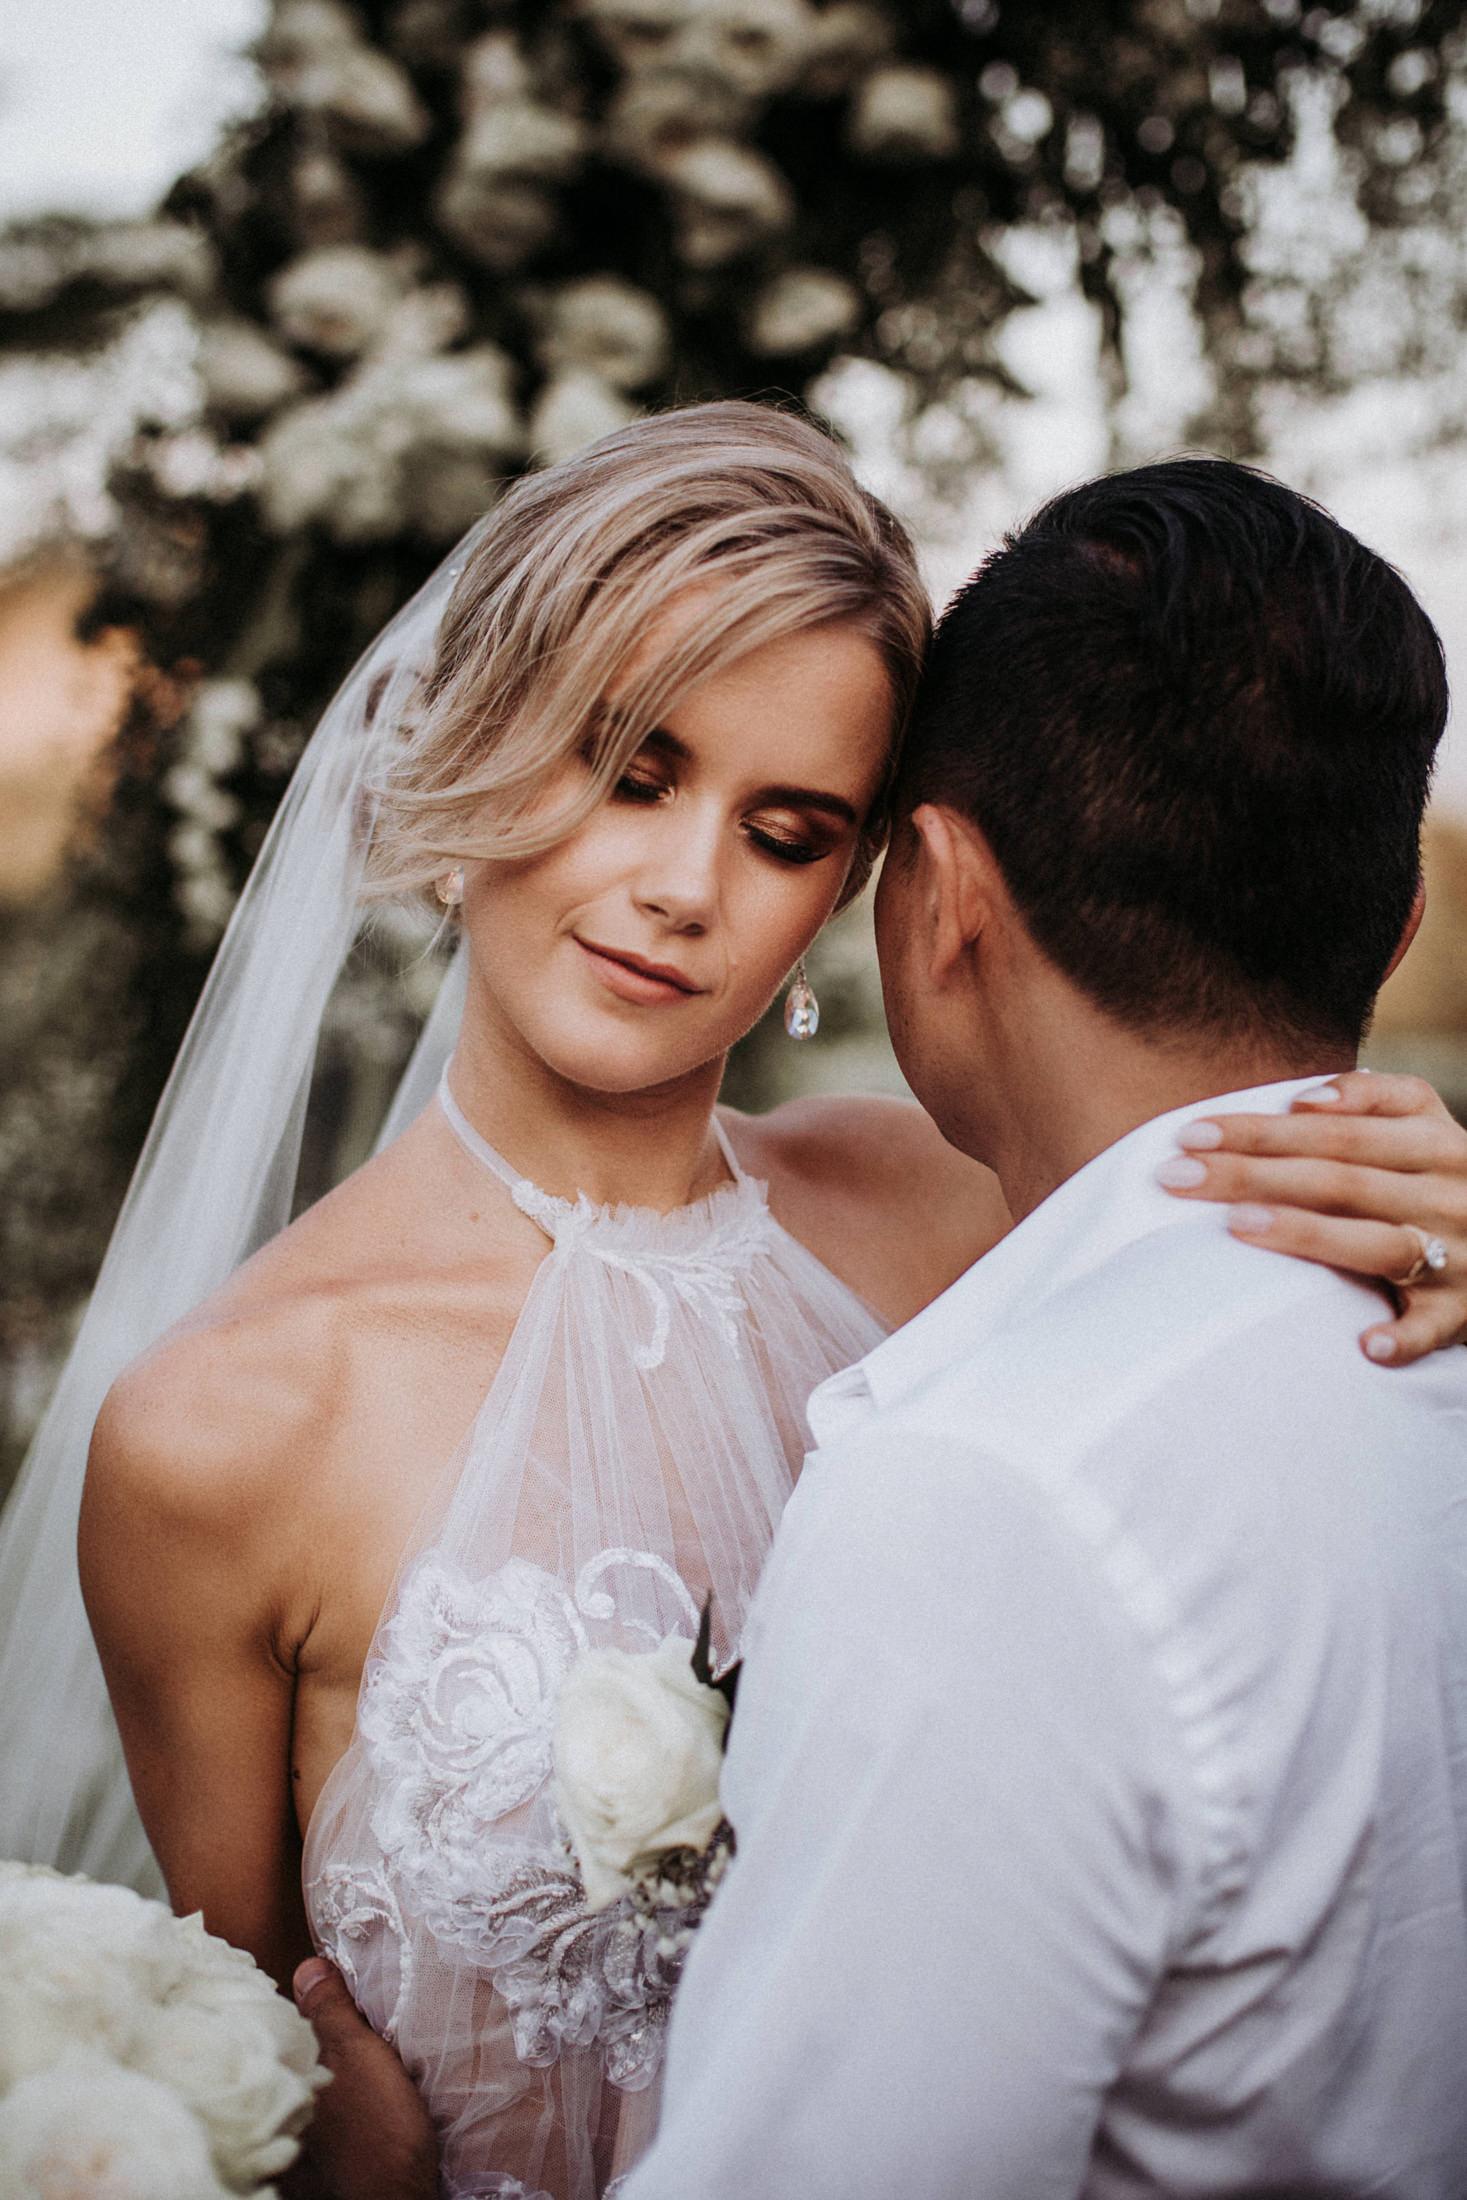 DanielaMarquardt_Wedding_Thailand_326